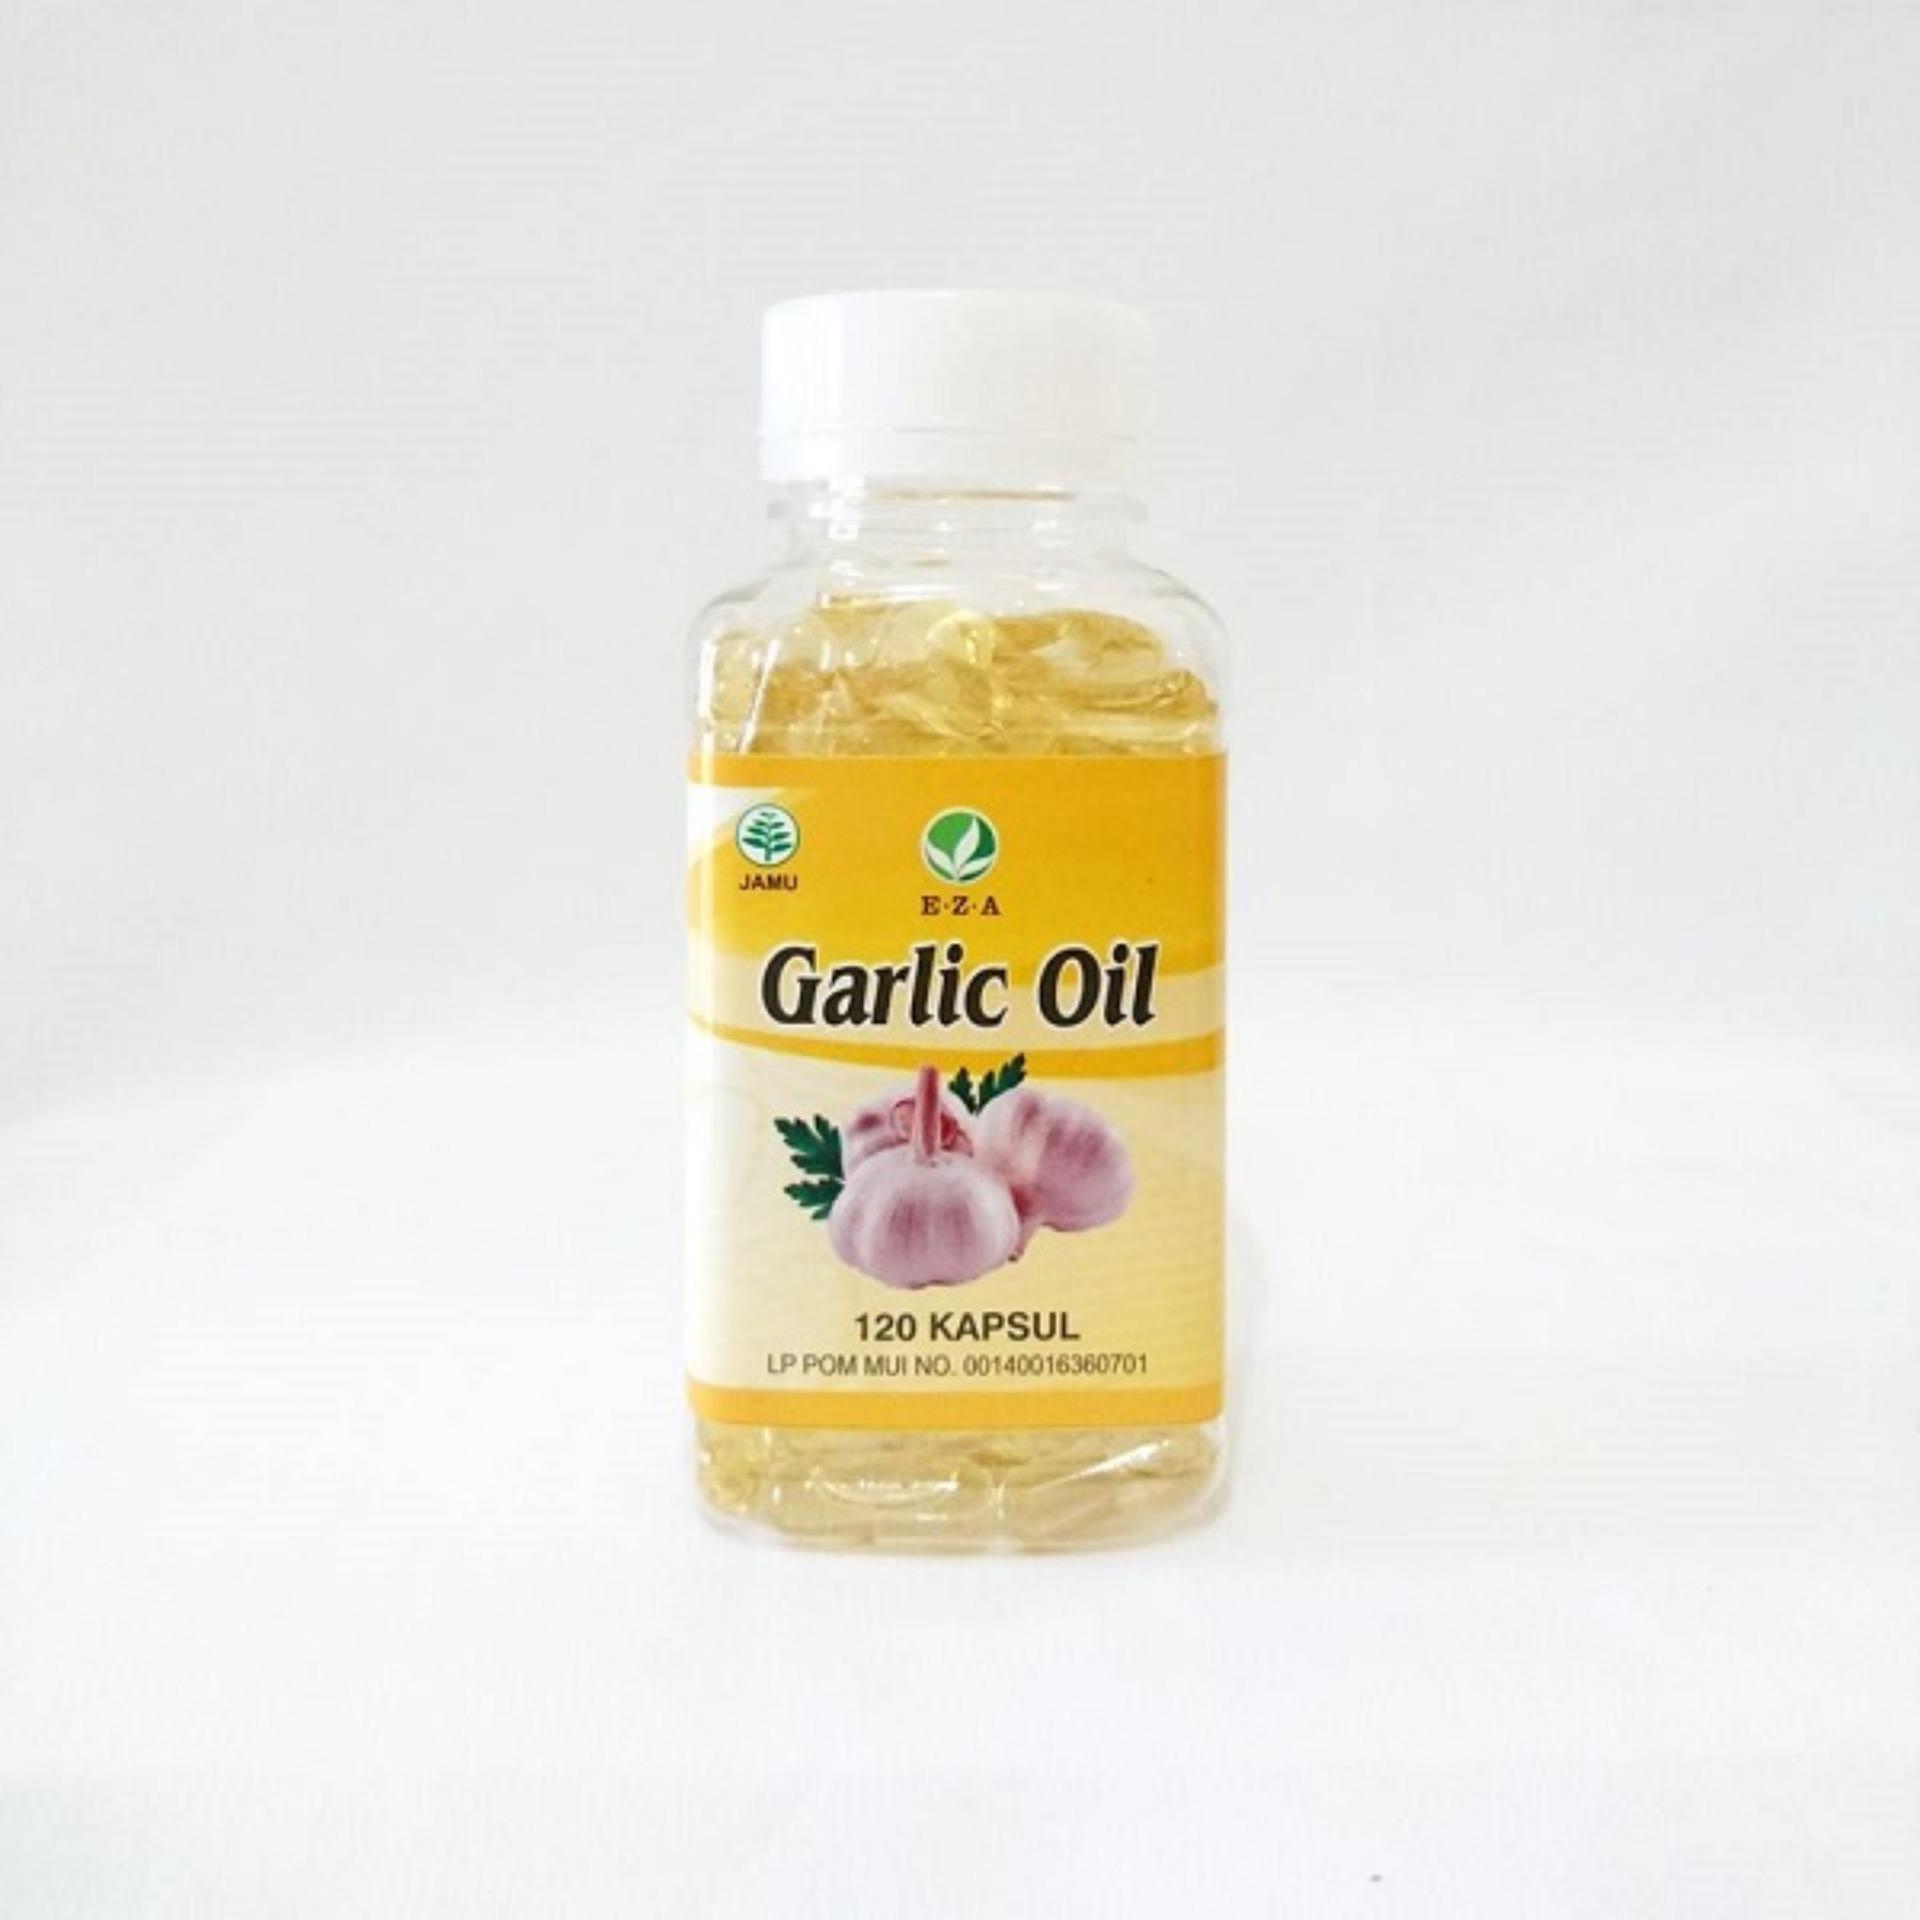 Kapsul Garlic Oil Eza 120 Kapsul | Sebagai Penawar Racun